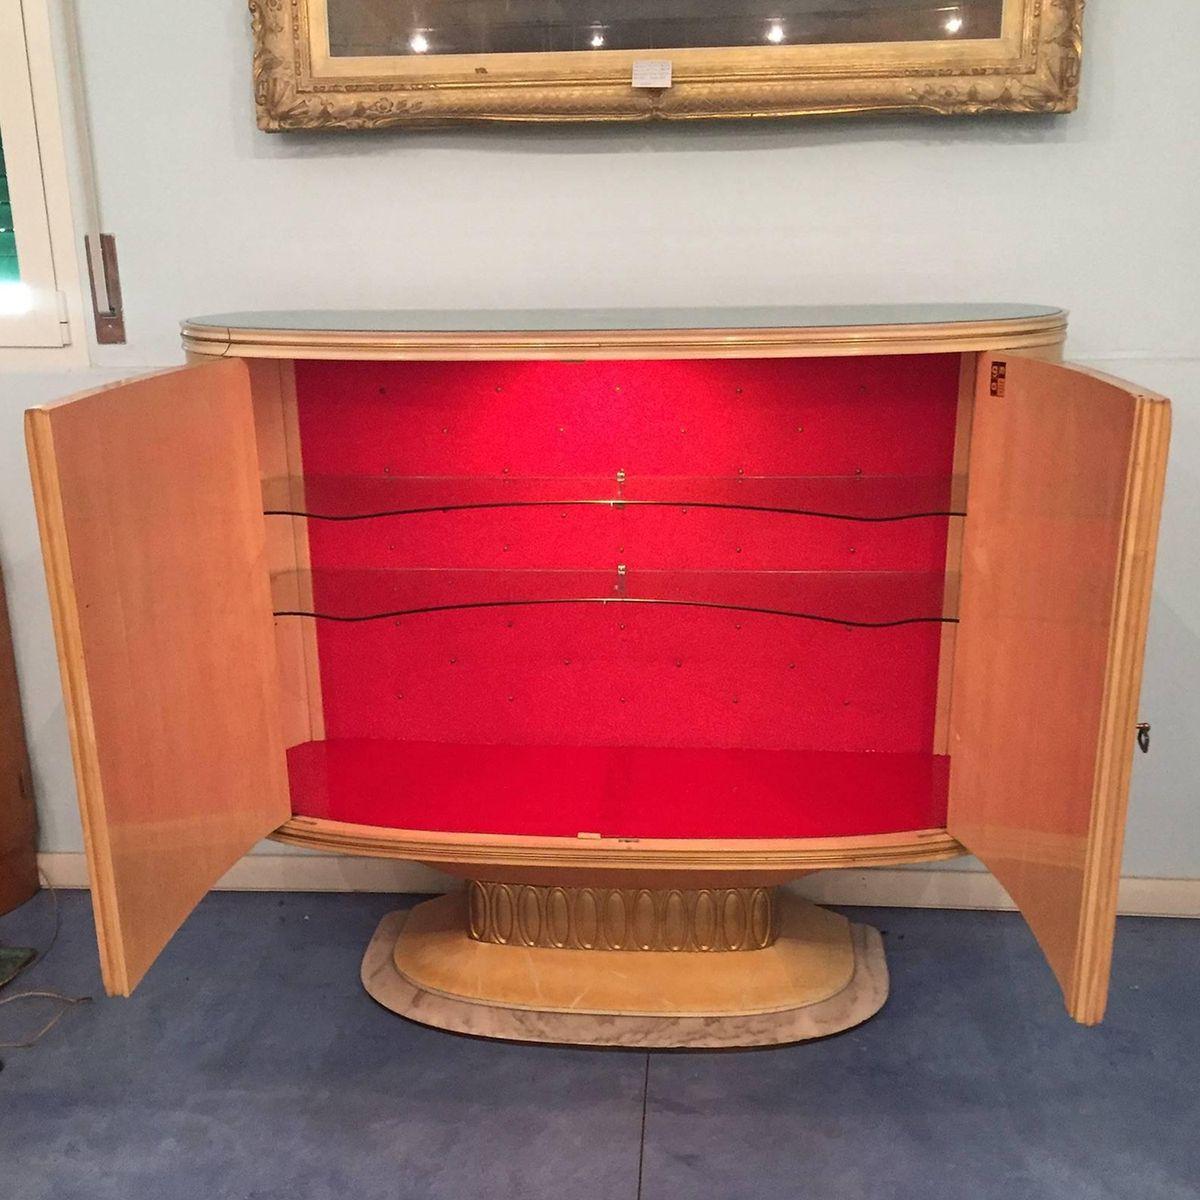 Mobile bar art d co di galleria mobili d 39 arte cant italia anni 39 40 in vendita su pamono - Art deco mobili ...